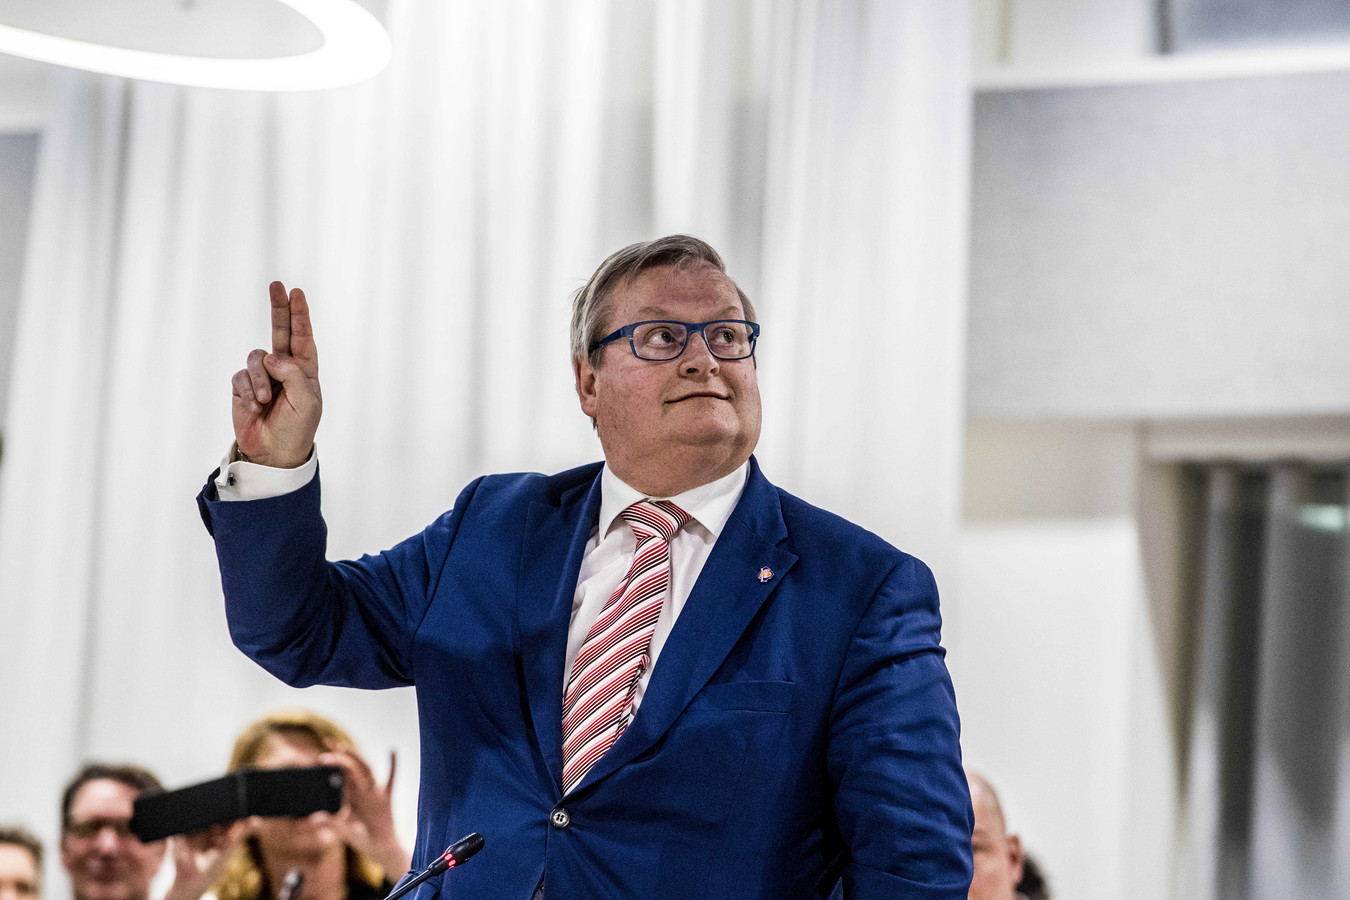 Hilbrand Nawijn, voormalig minister voor de LPF, legt in 2018 de eed af tijdens de installatie van de gemeenteraad van Zoetermeer